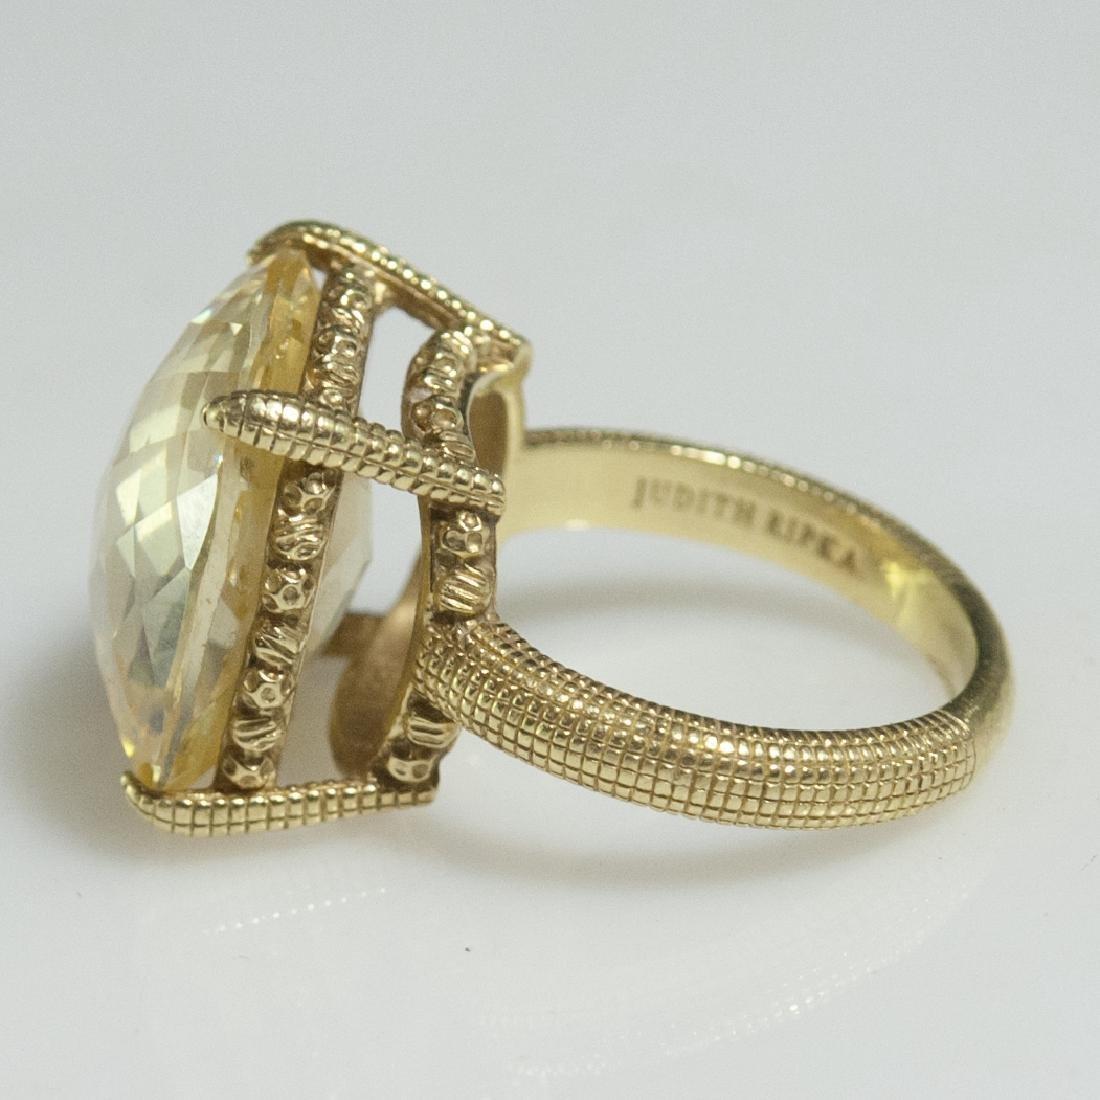 Judith Ripka 18kt Gold & Canary Quartz Ring - 5